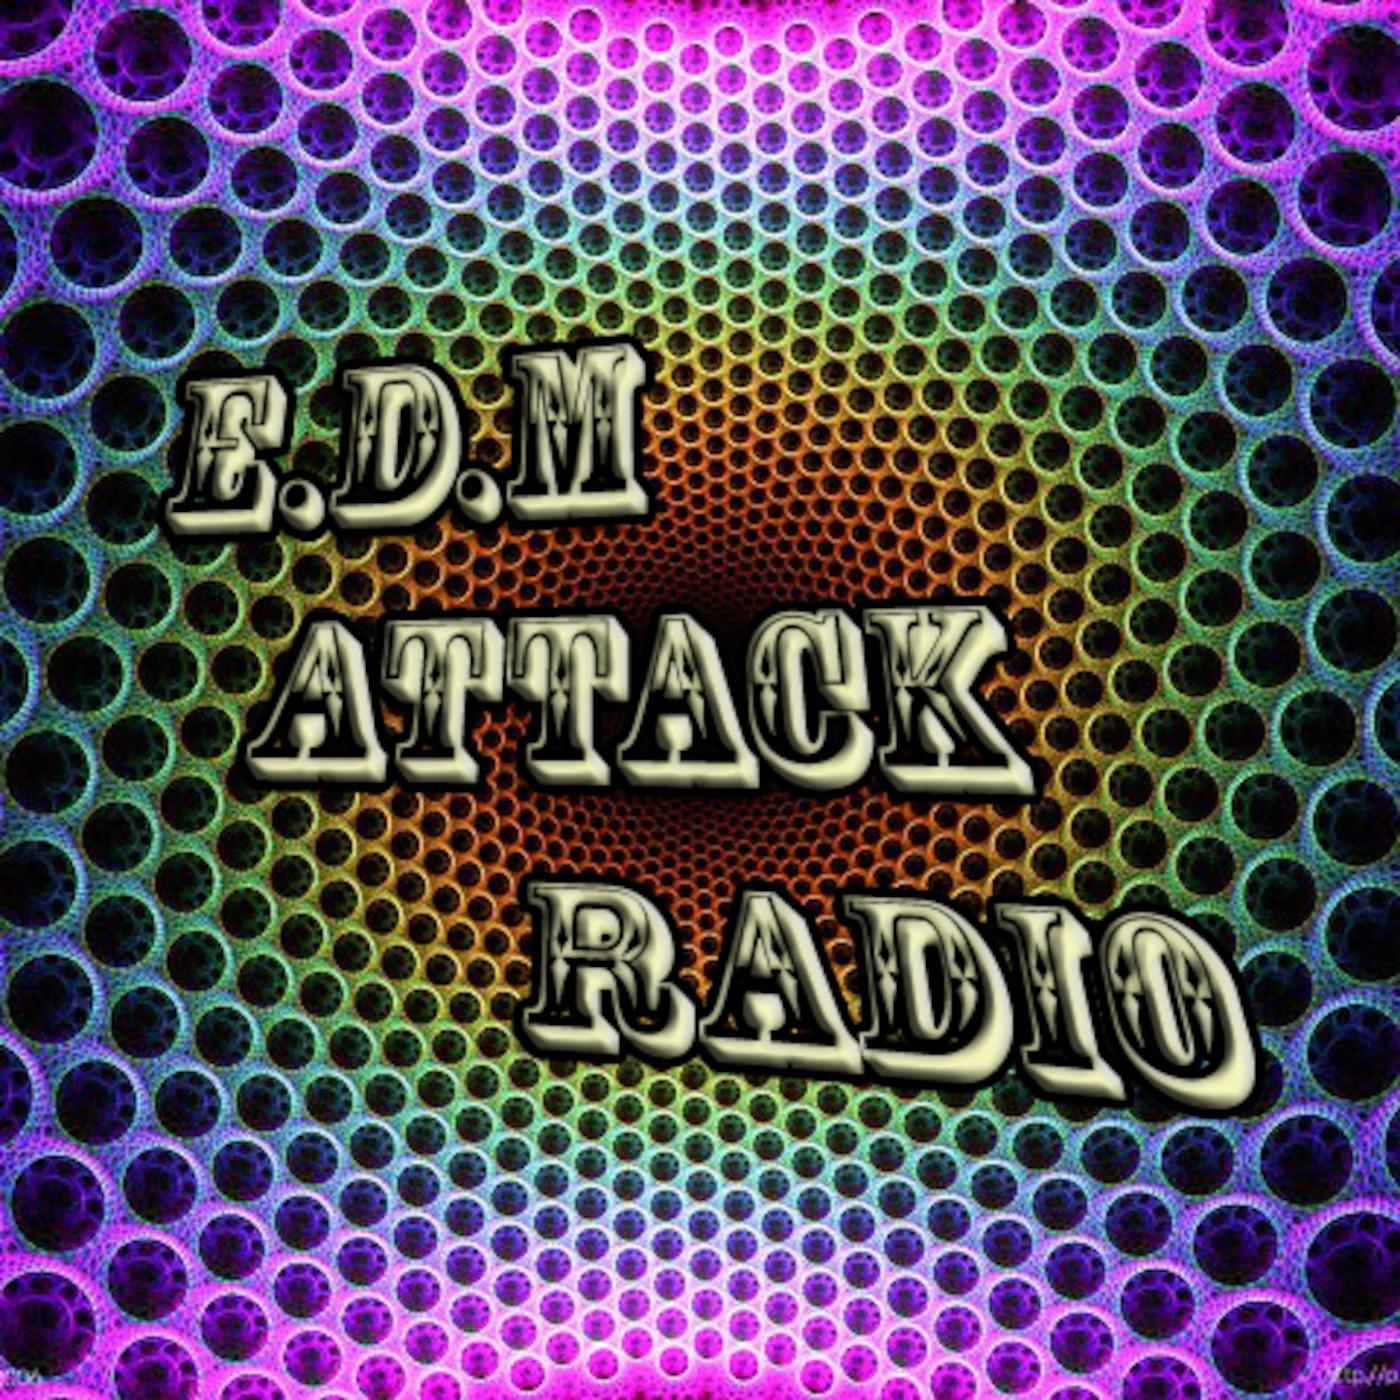 DjNaughtyNate: EDM Attack Radio